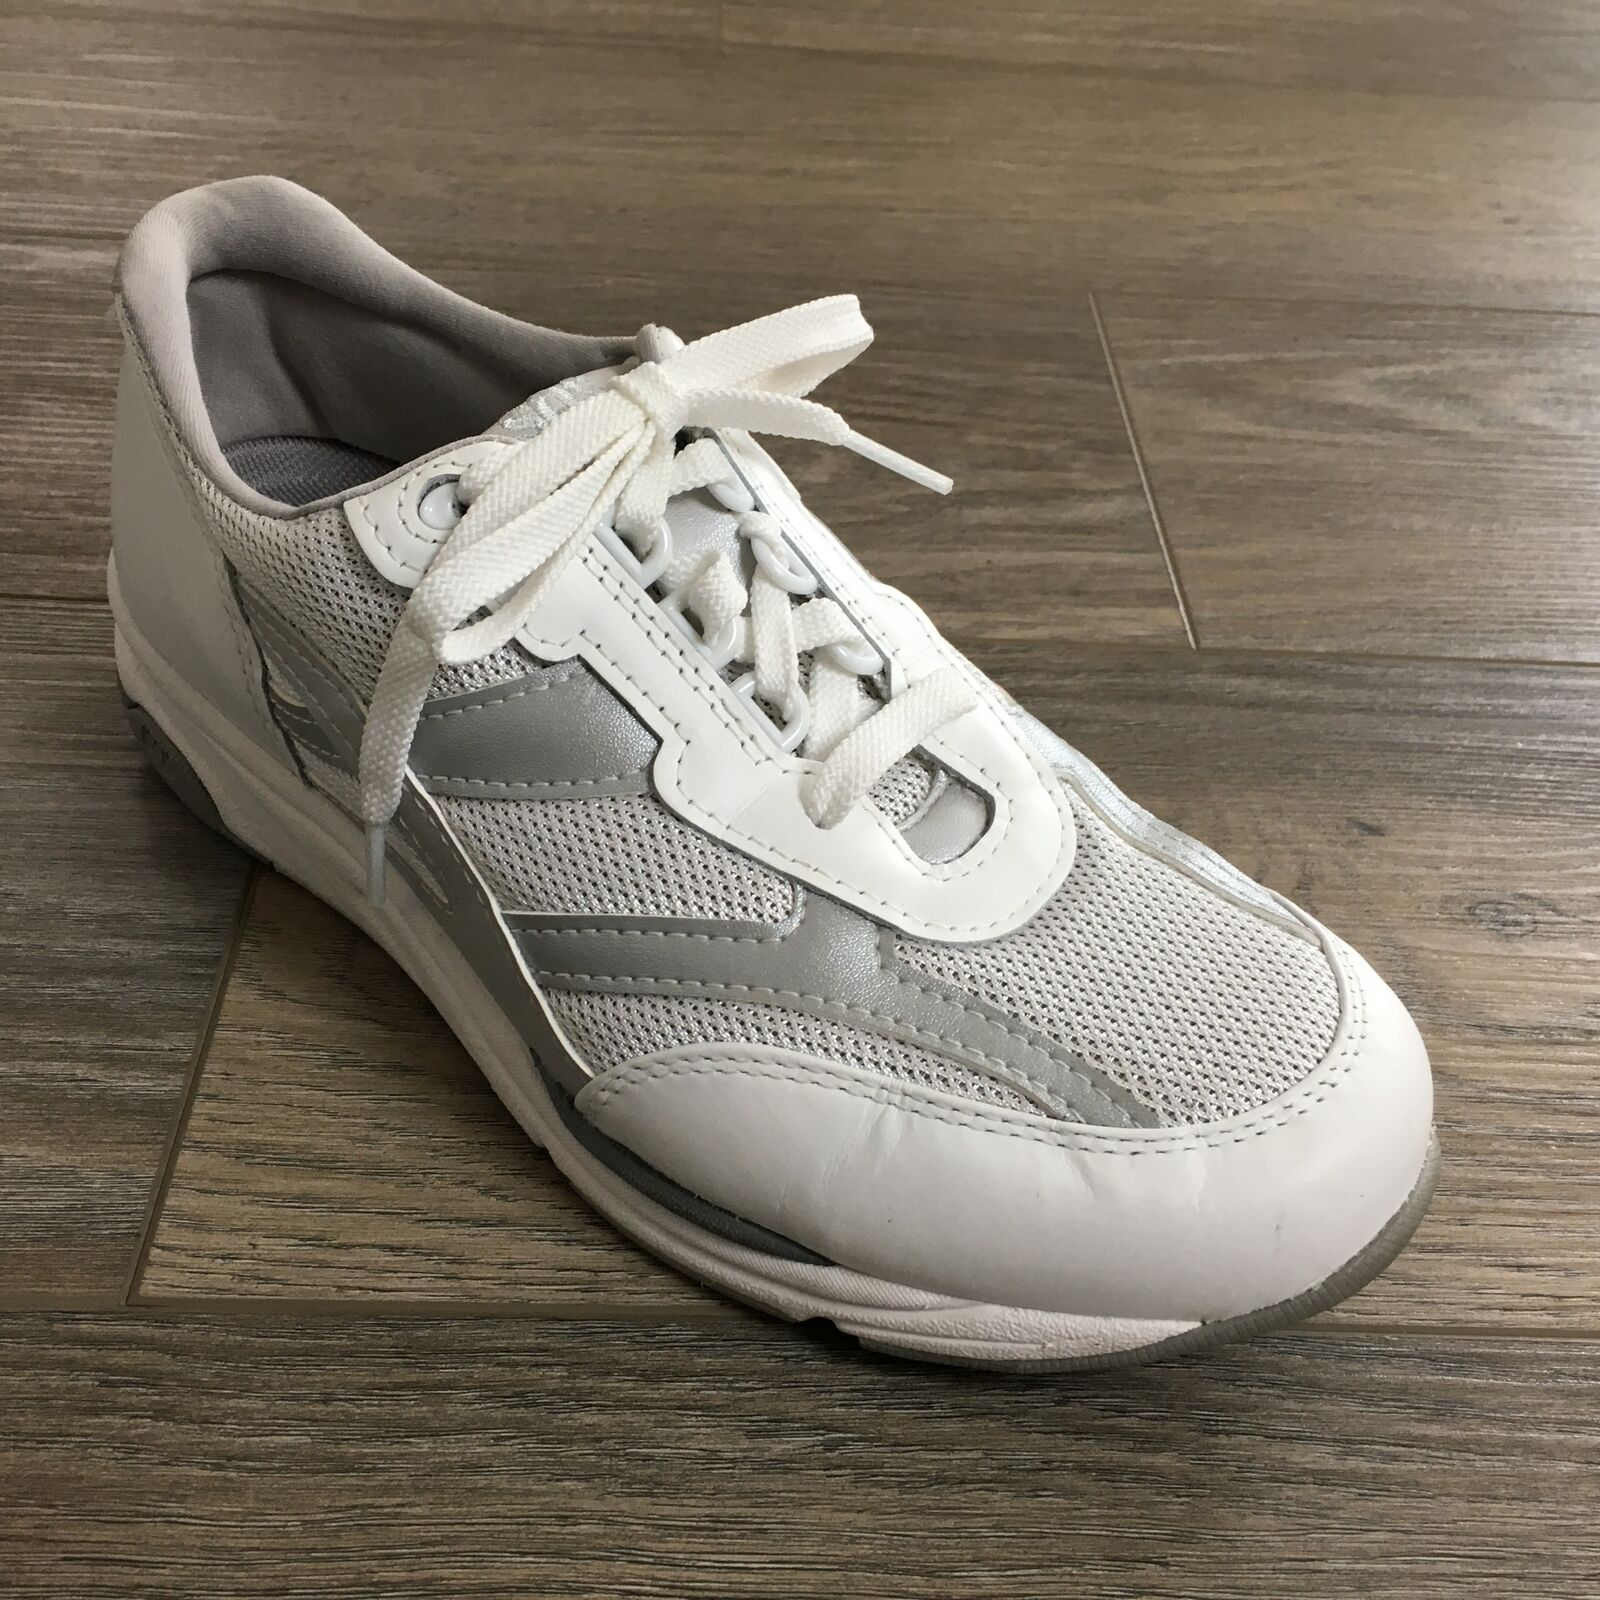 Women's SAS Tour Mesh Walking Shoes Sneakers Size 8.5 W Wide White Silver